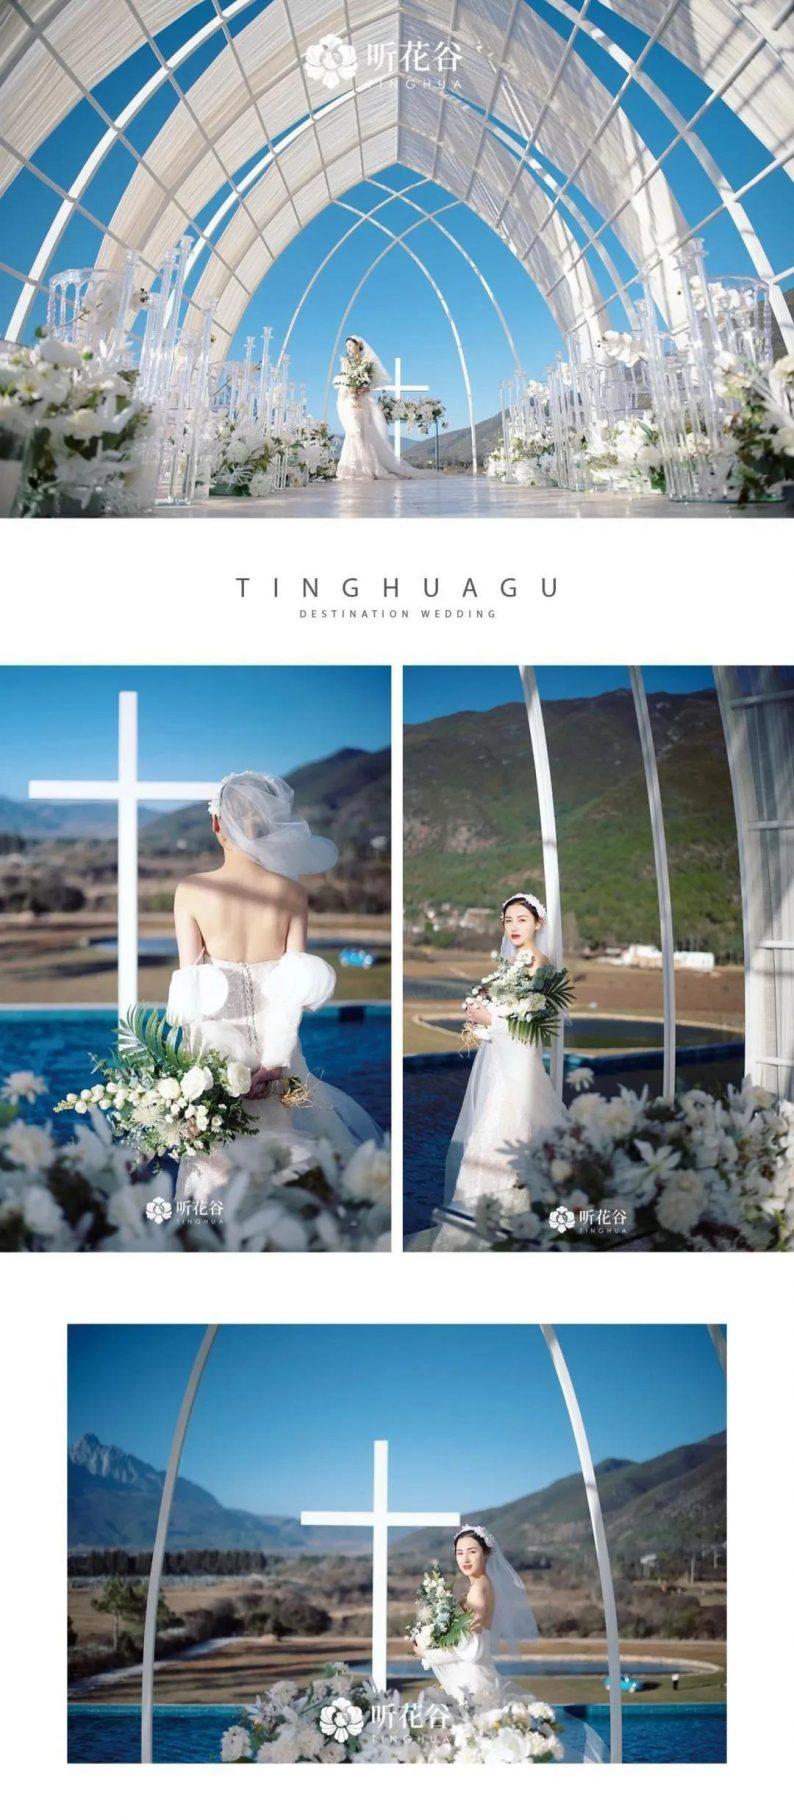 婚礼堂发布:雪山下的圣洁礼堂,丽江婚礼新地标  第8张